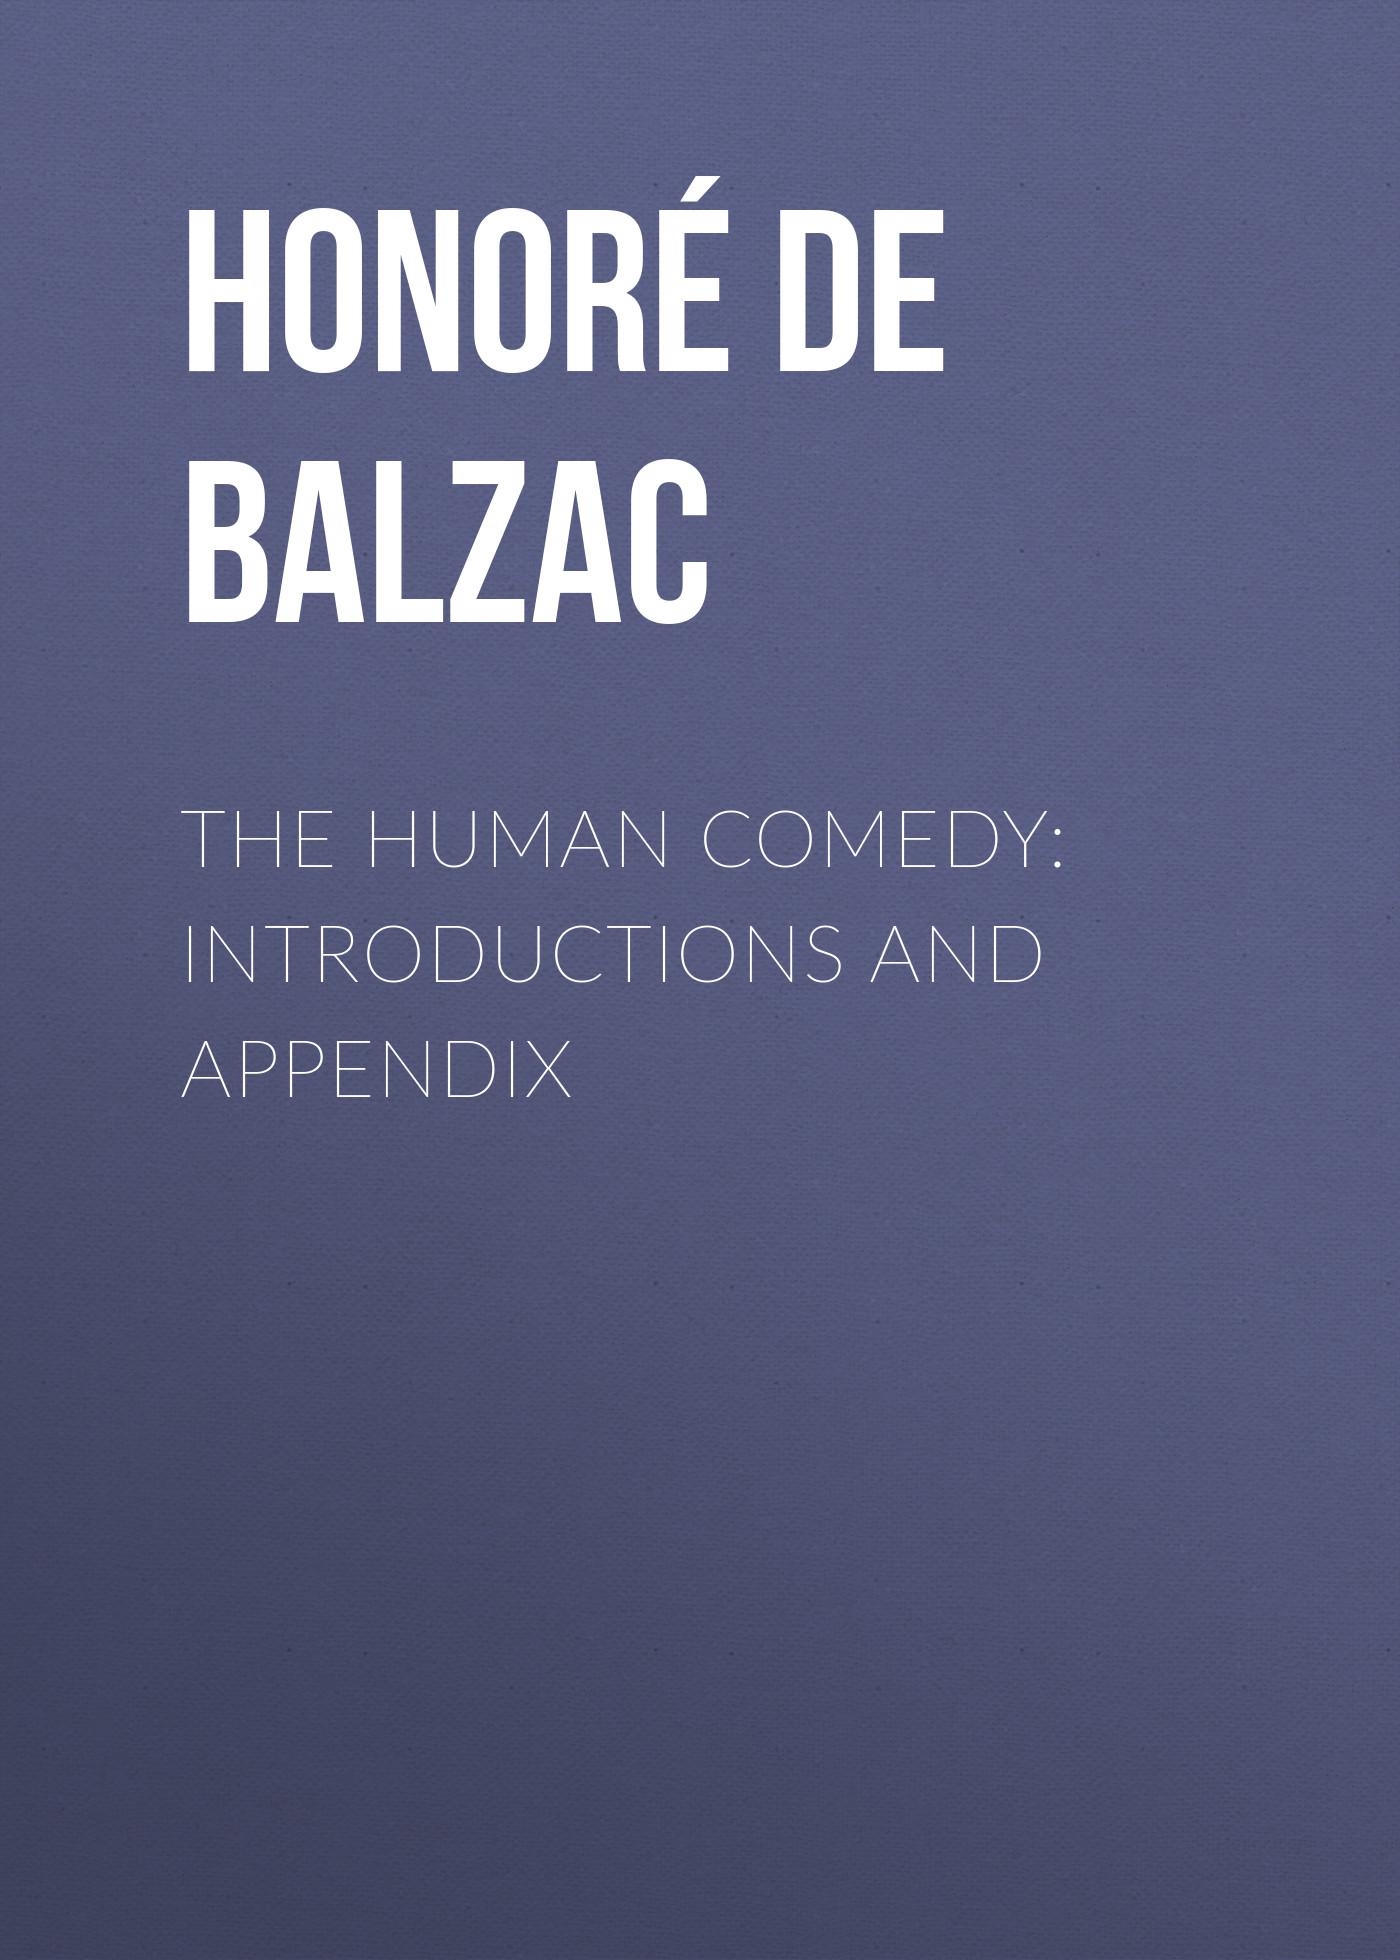 Оноре де Бальзак The Human Comedy: Introductions and Appendix оноре де бальзак the human comedy introductions and appendix